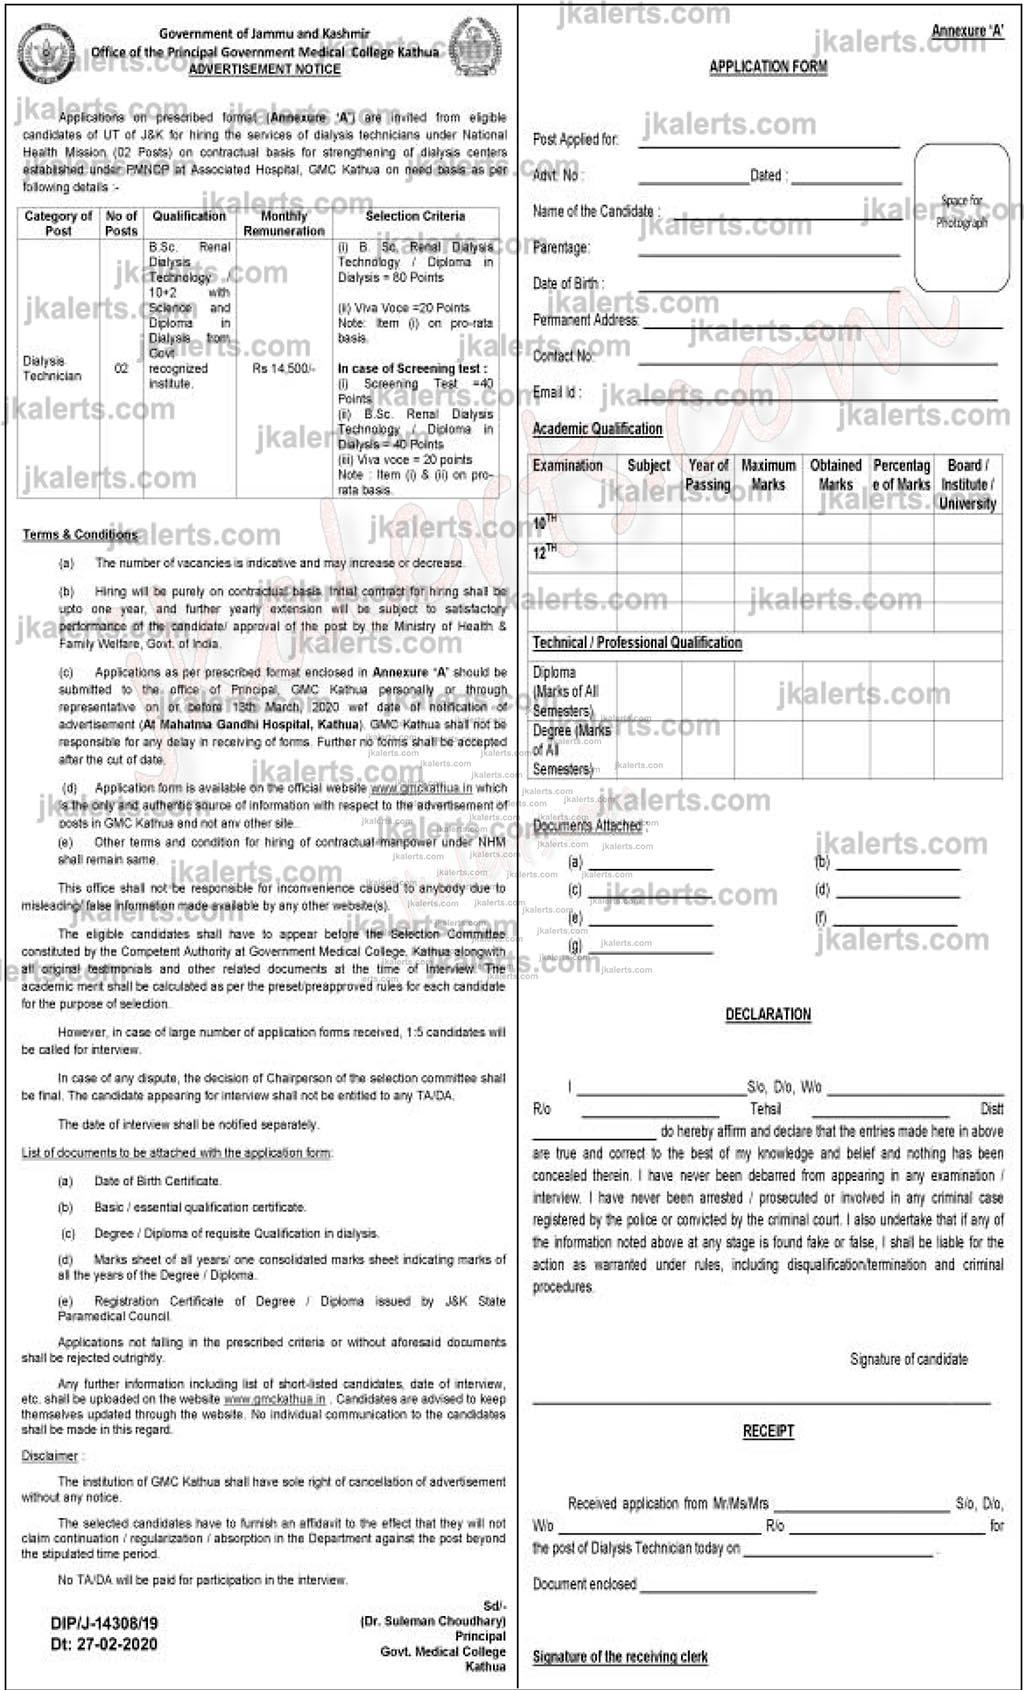 GMC Kathua Jobs Recruitment 2020.